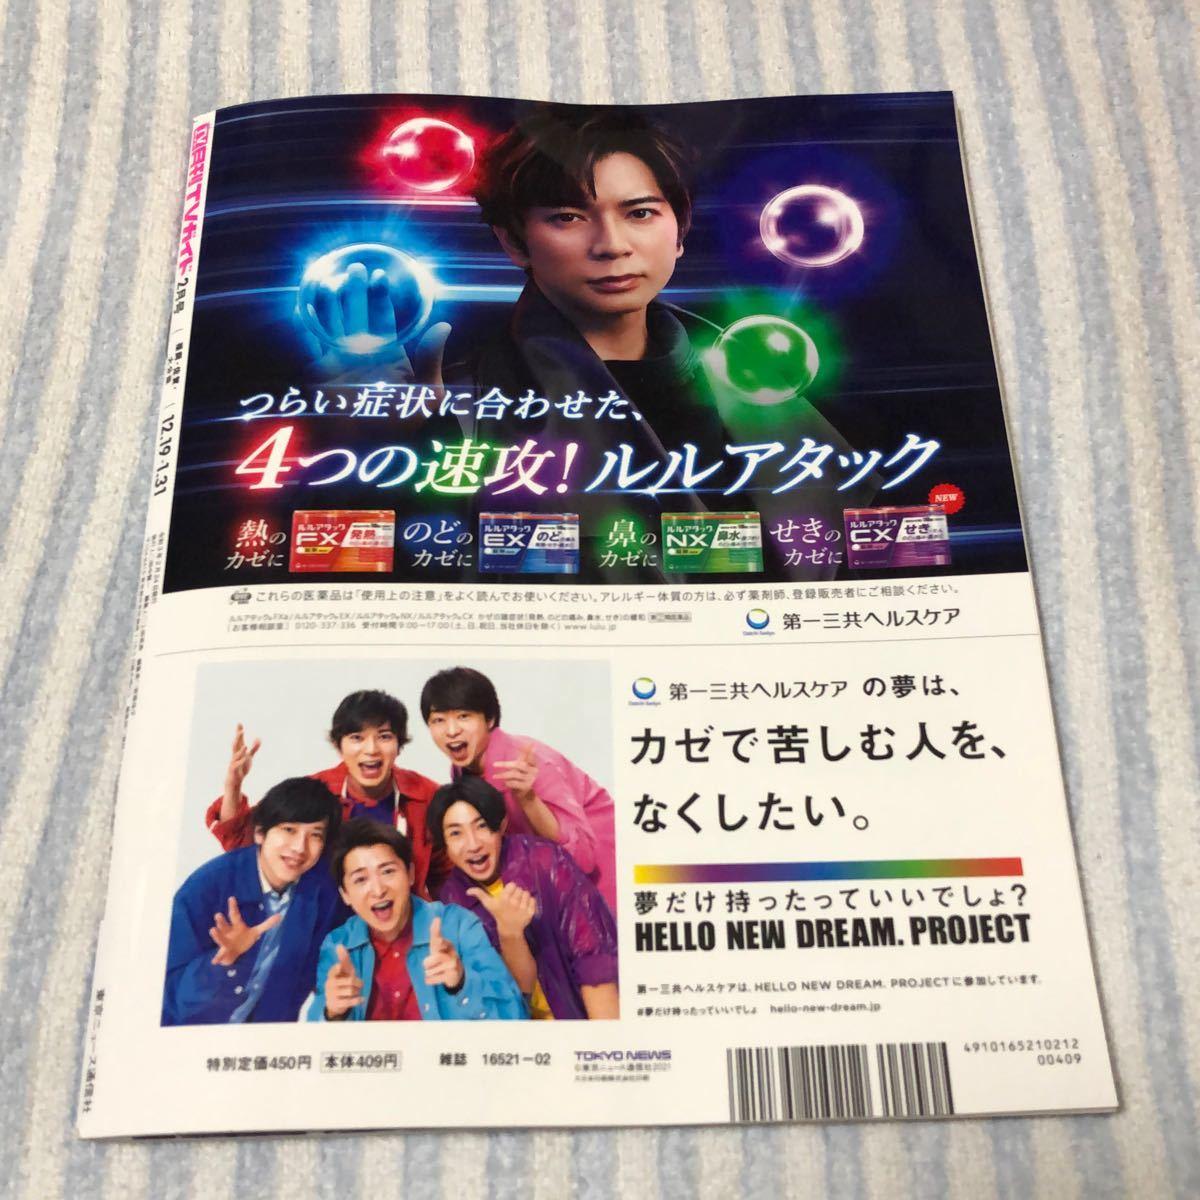 TVガイド 関ジャニ∞最新版